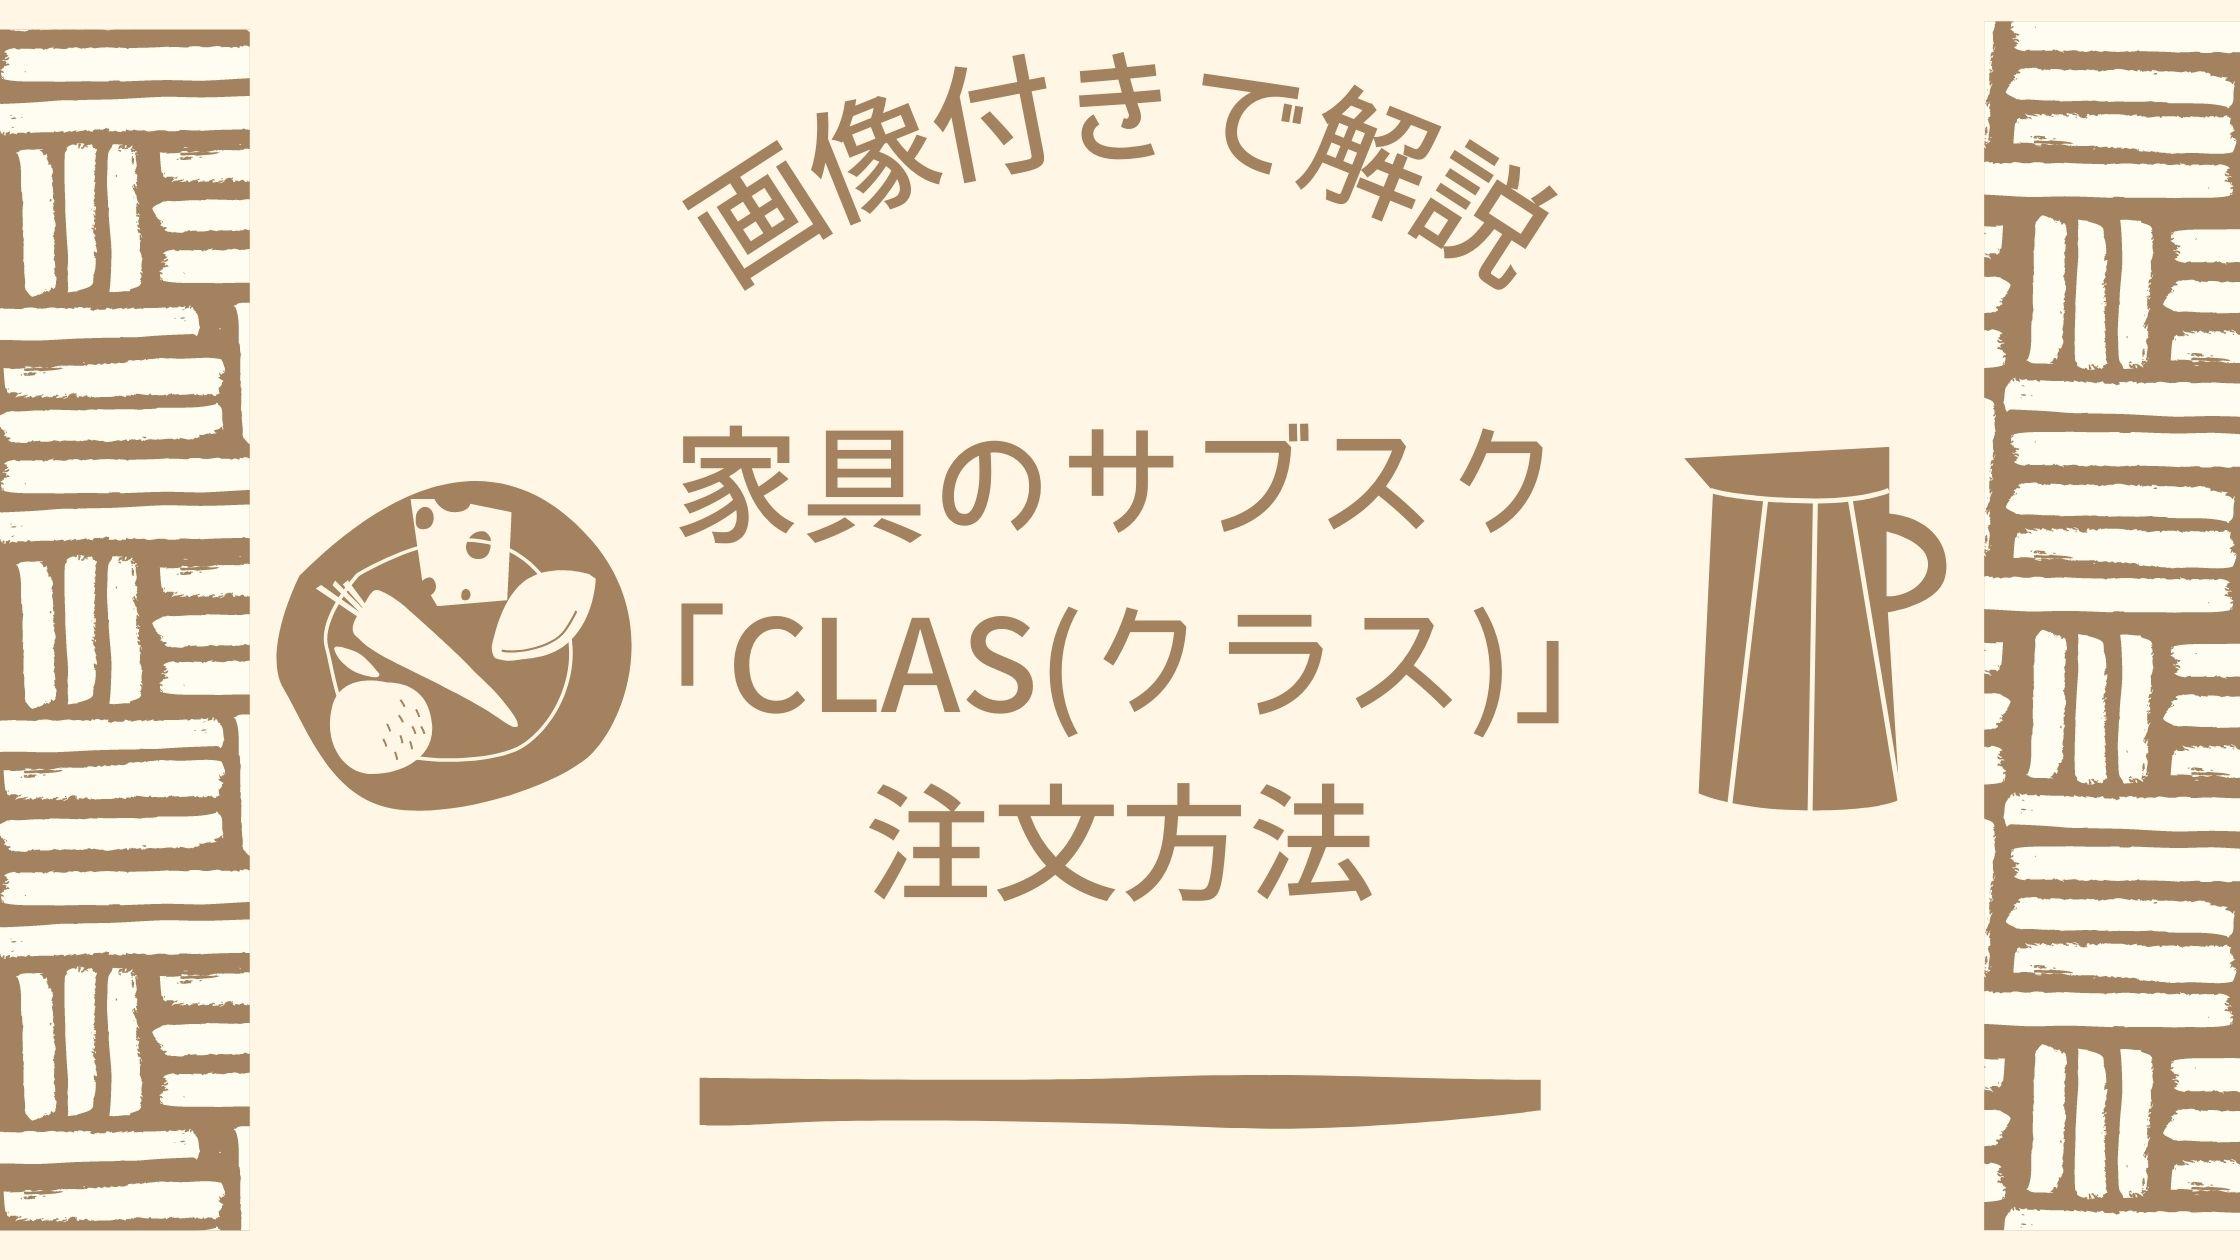 家具のサブスク「CLAS(クラス)」注文方法